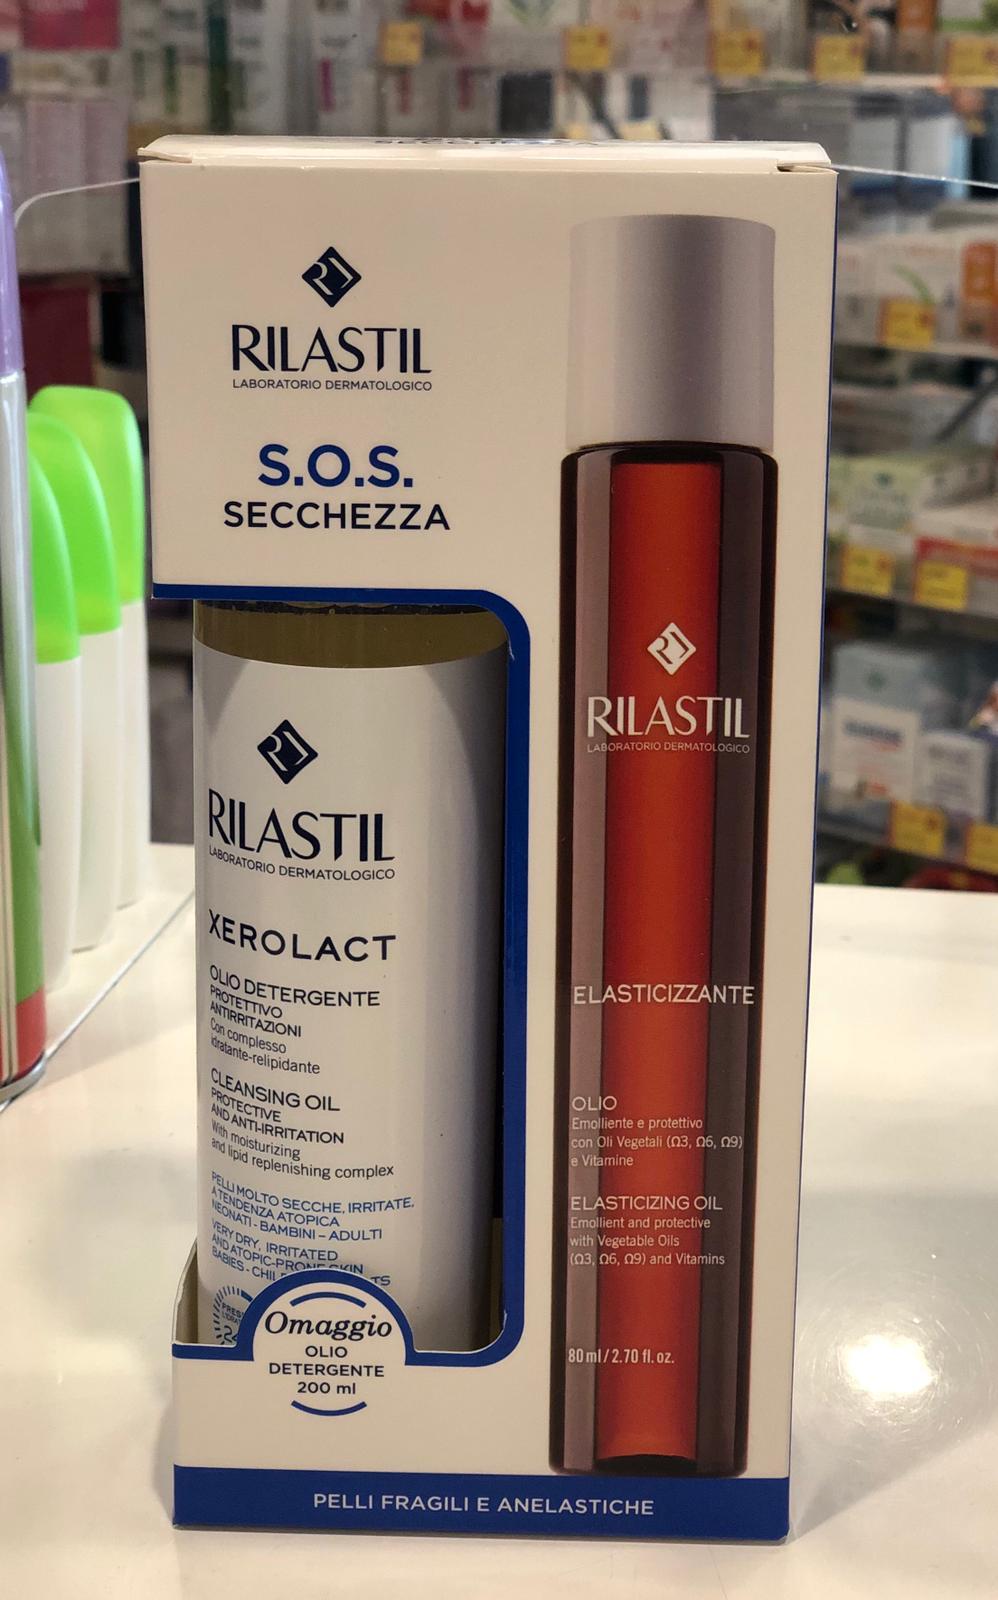 Rilastil olio elasticizzante 80 ml + Xerolact olio detergente 200 ml